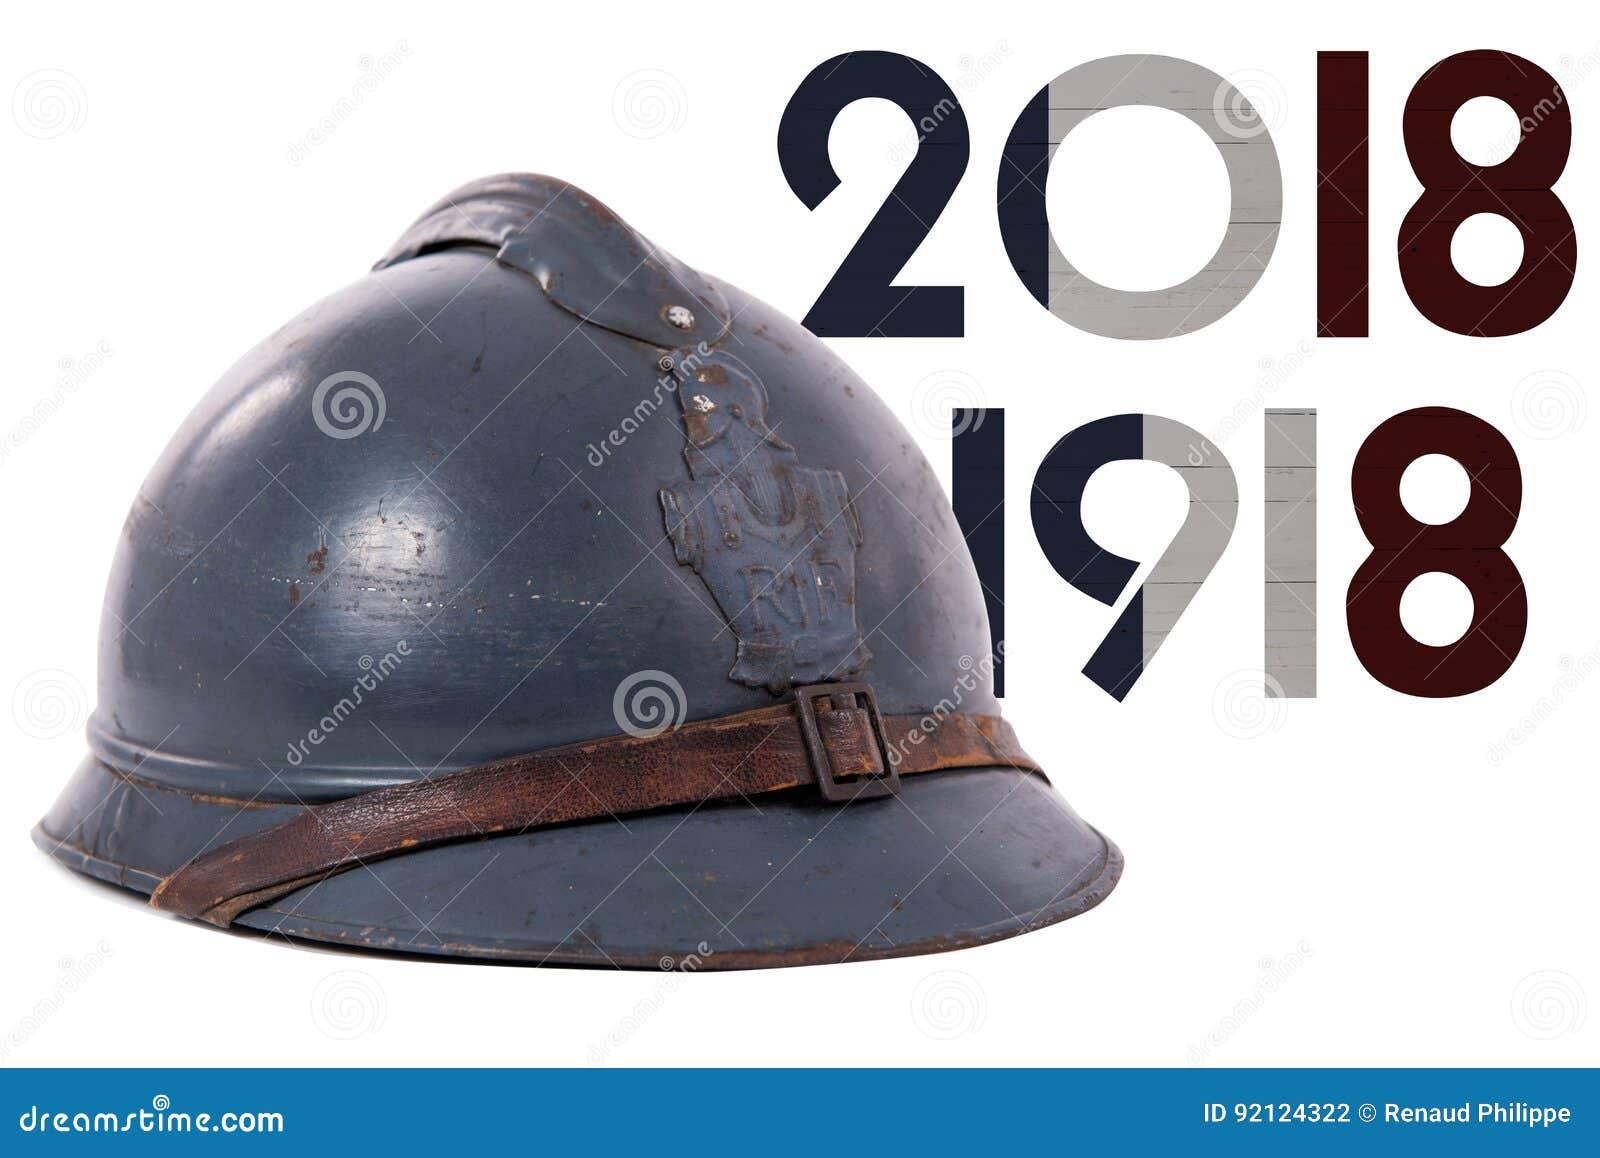 Franse militaire helm van de Eerste geïsoleerde Wereldoorlog op wit